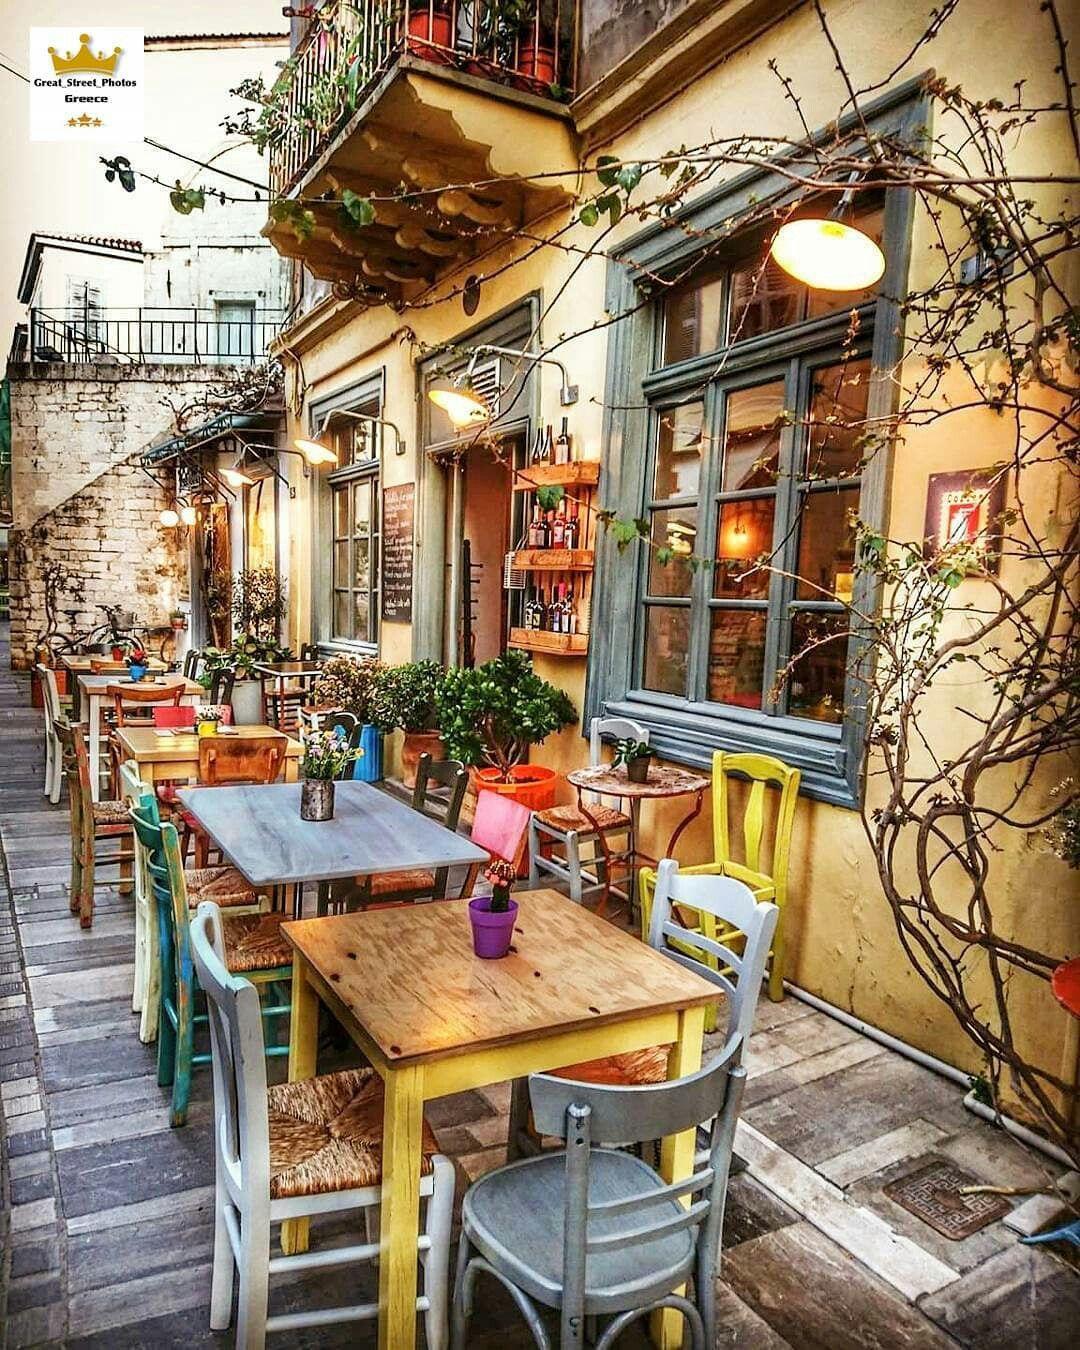 Grecia Tiendas Cafés Y Terrazas Diseño De Interiores